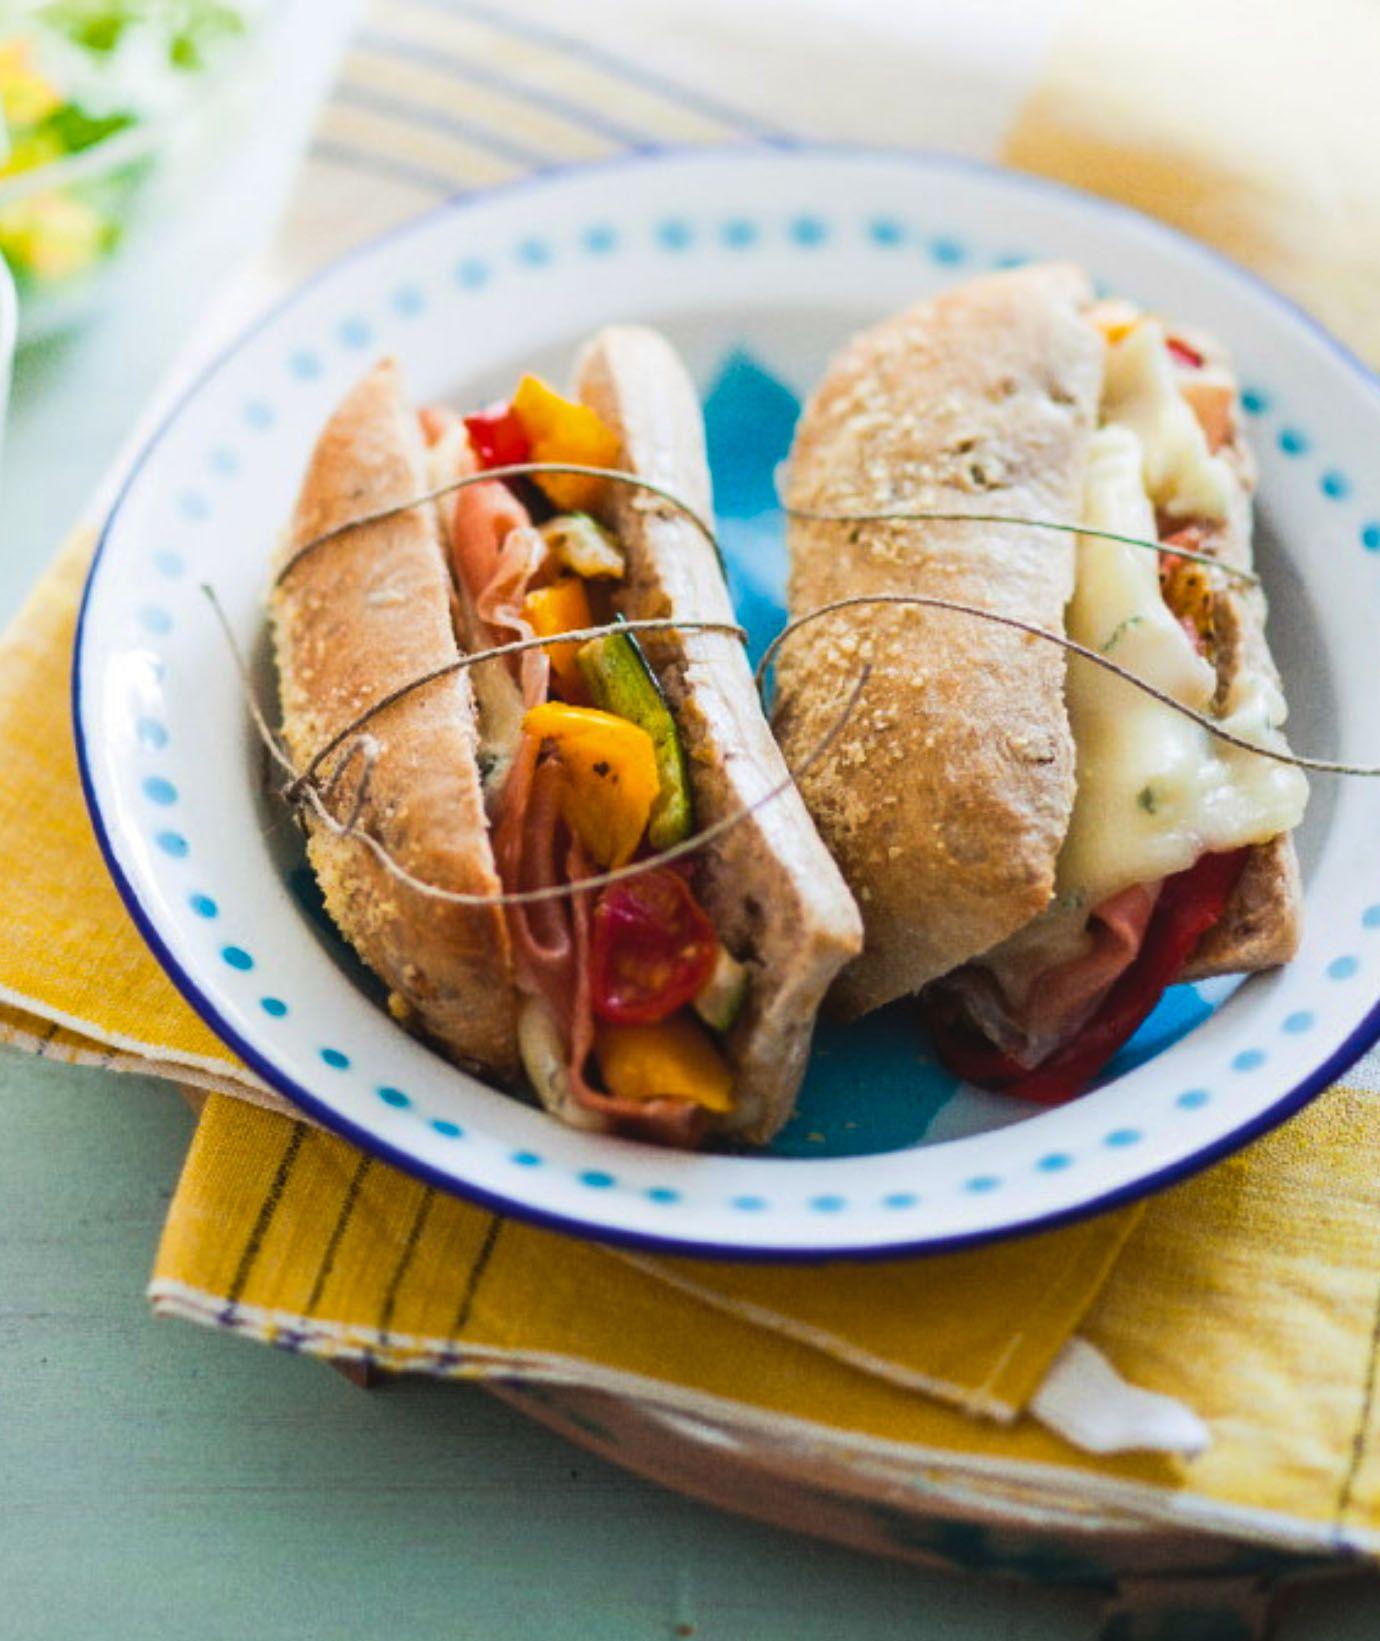 recette sandwich chaud aux noix, gorgonzola et légumes grillés